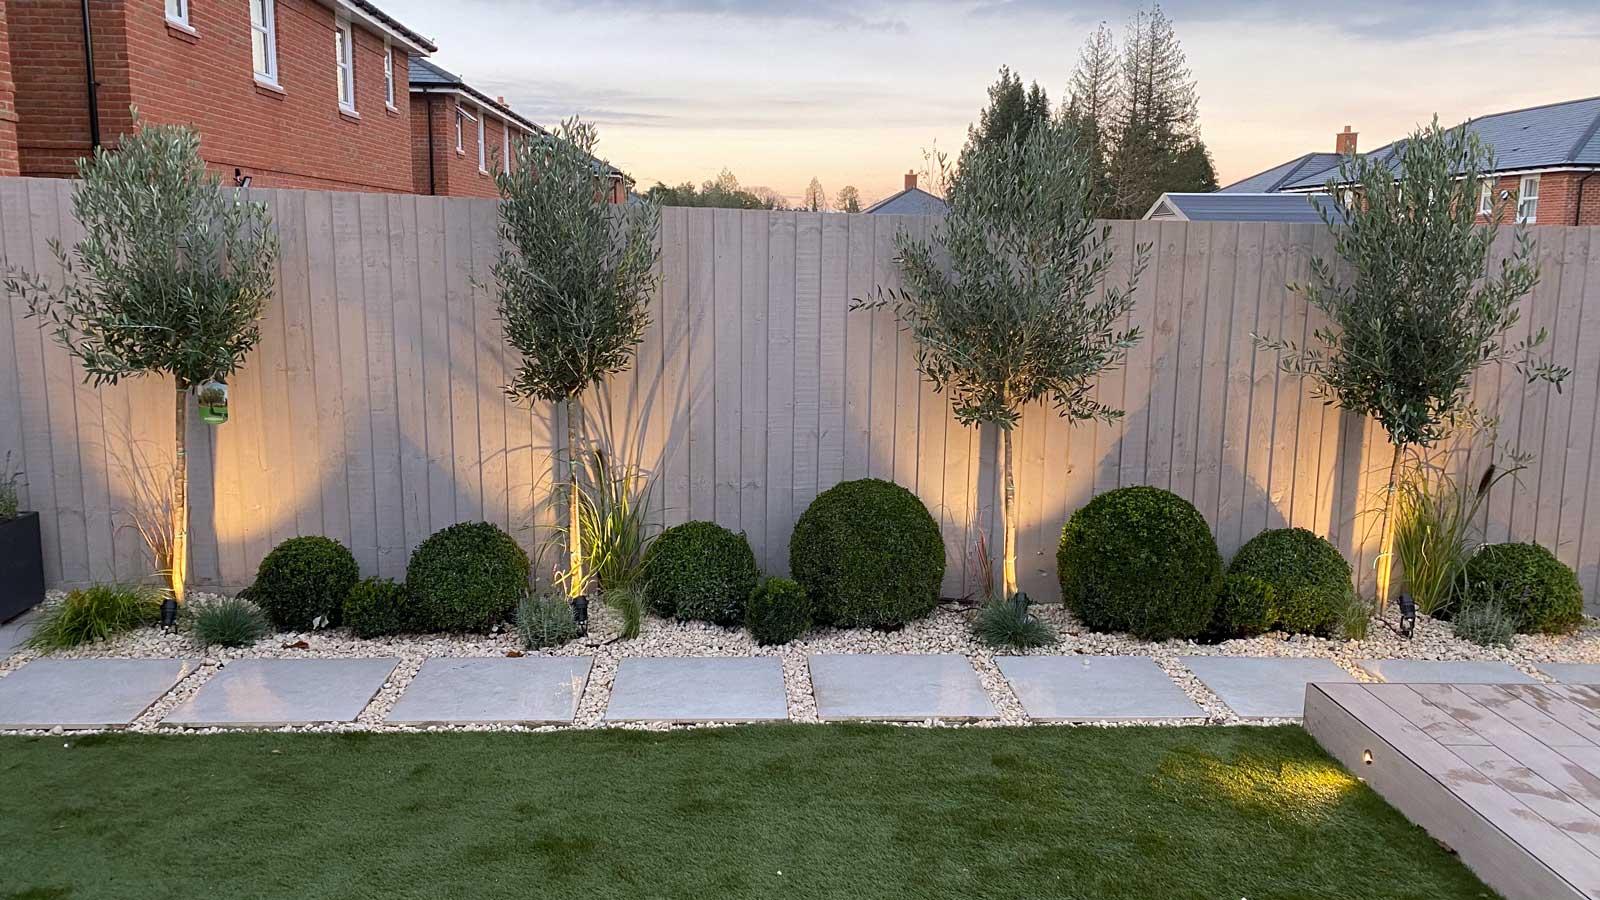 Back Garden in Radlett - path and backlit trees